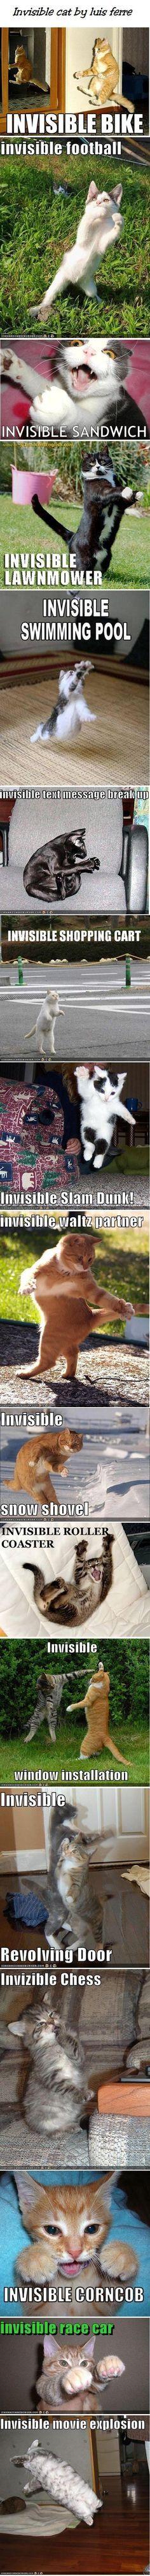 Invisible cat / HAHAHAAHA I had tears to my eyes, I laughed so hard!!